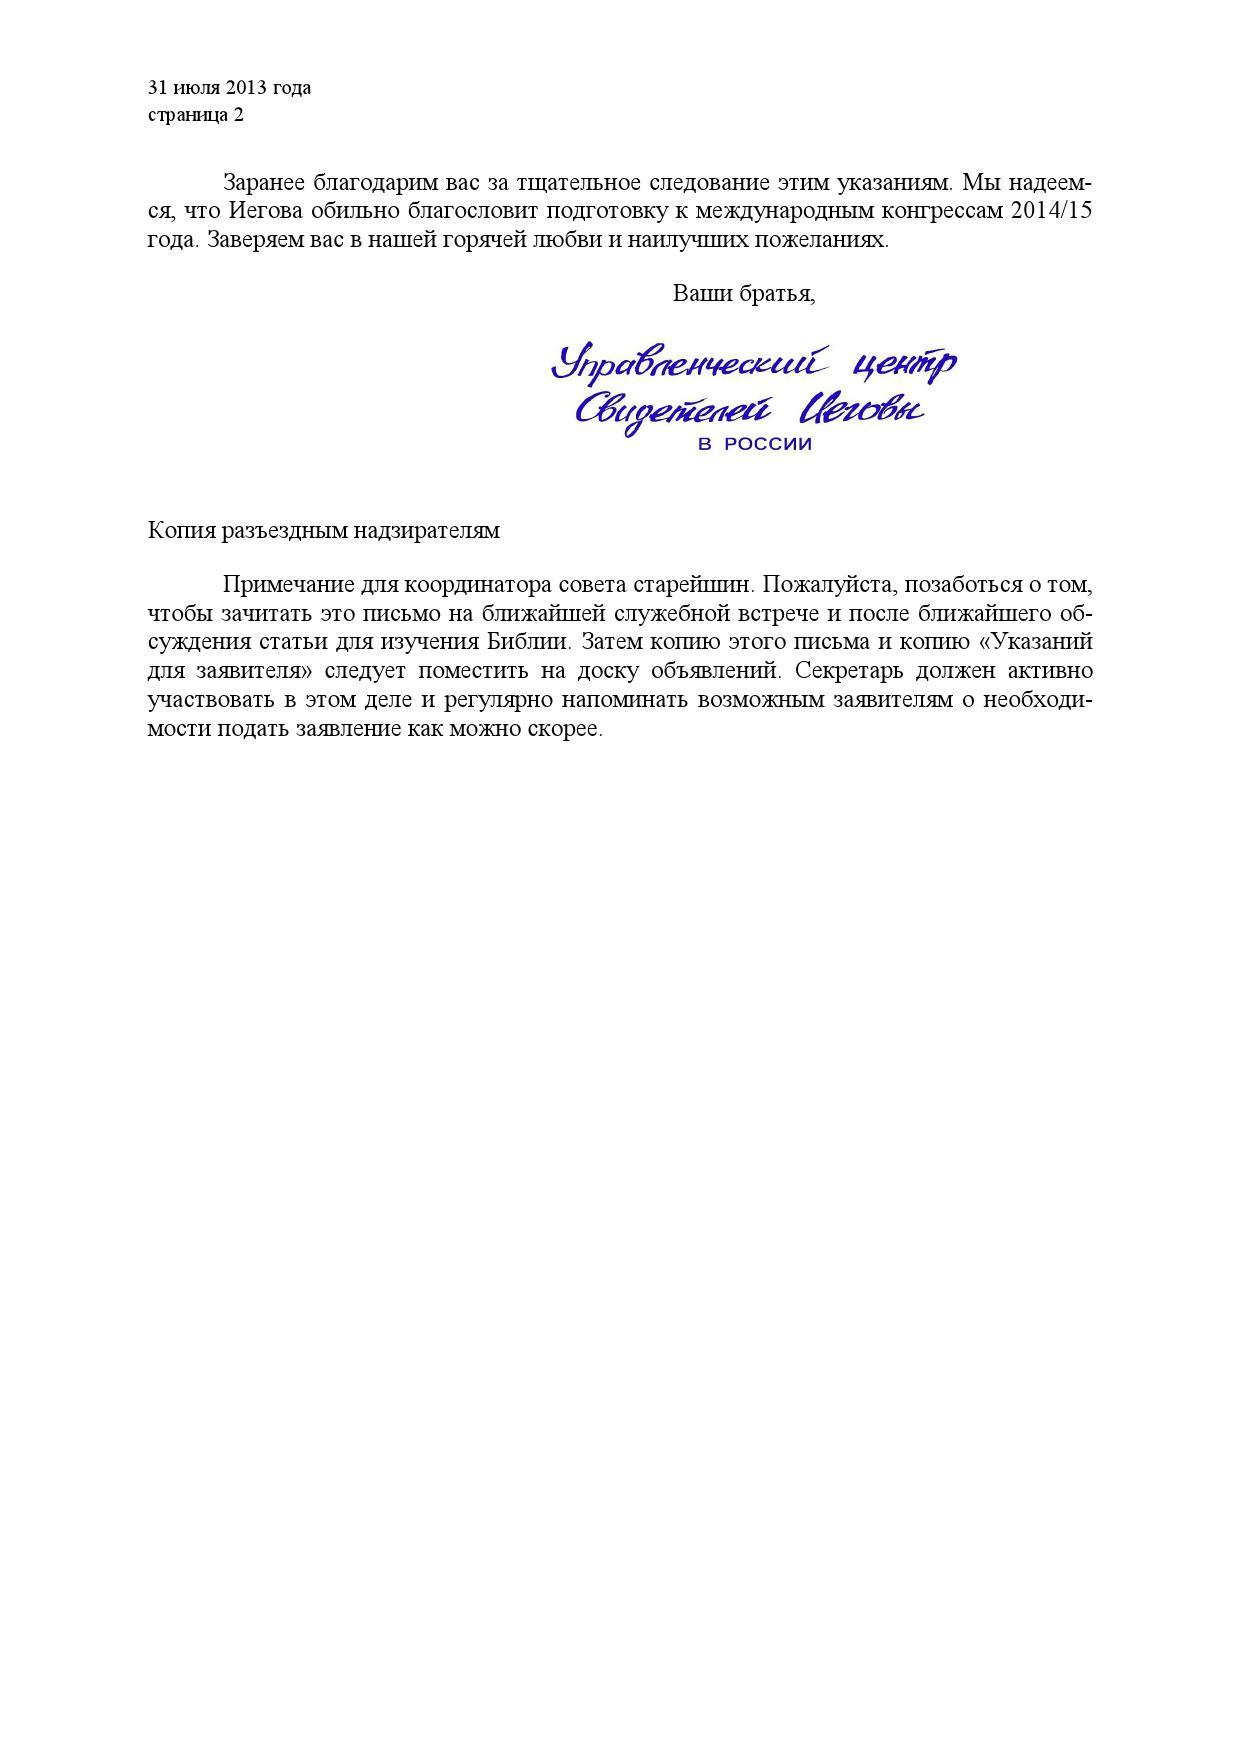 L-20130731-U-Ru-Cong (требов.к делегатам межд.конгрессов)___000002